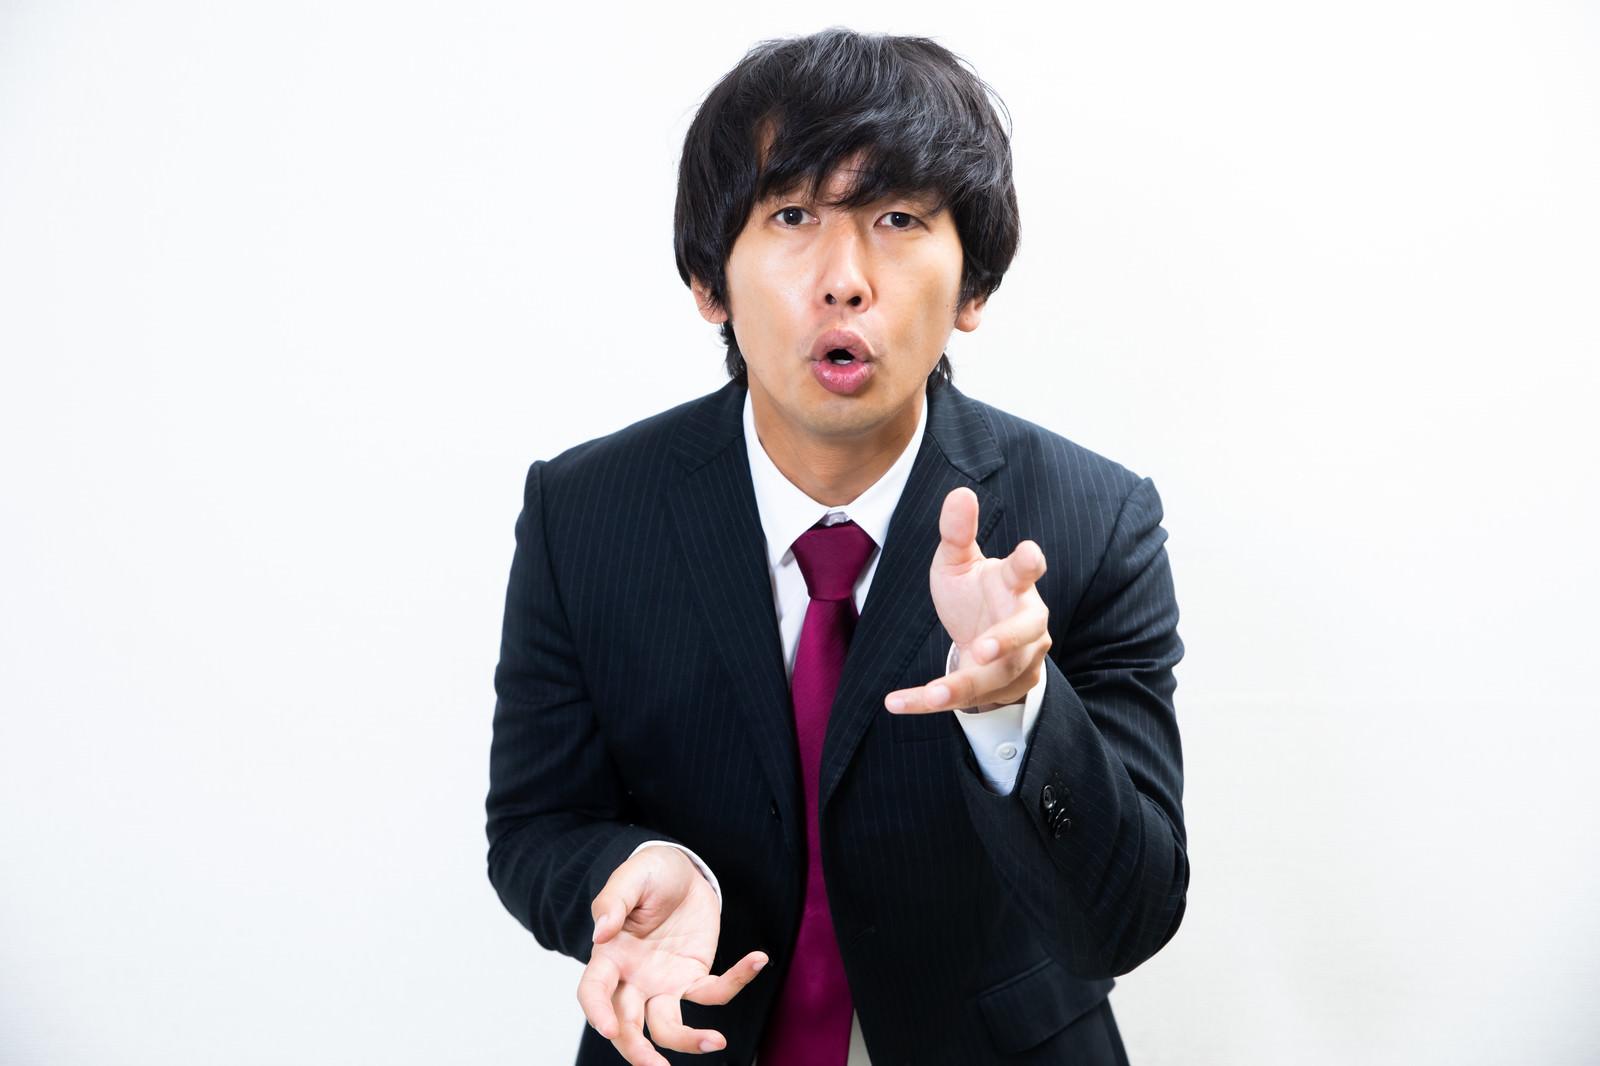 「煽ってくる営業マン」の写真[モデル:大川竜弥]